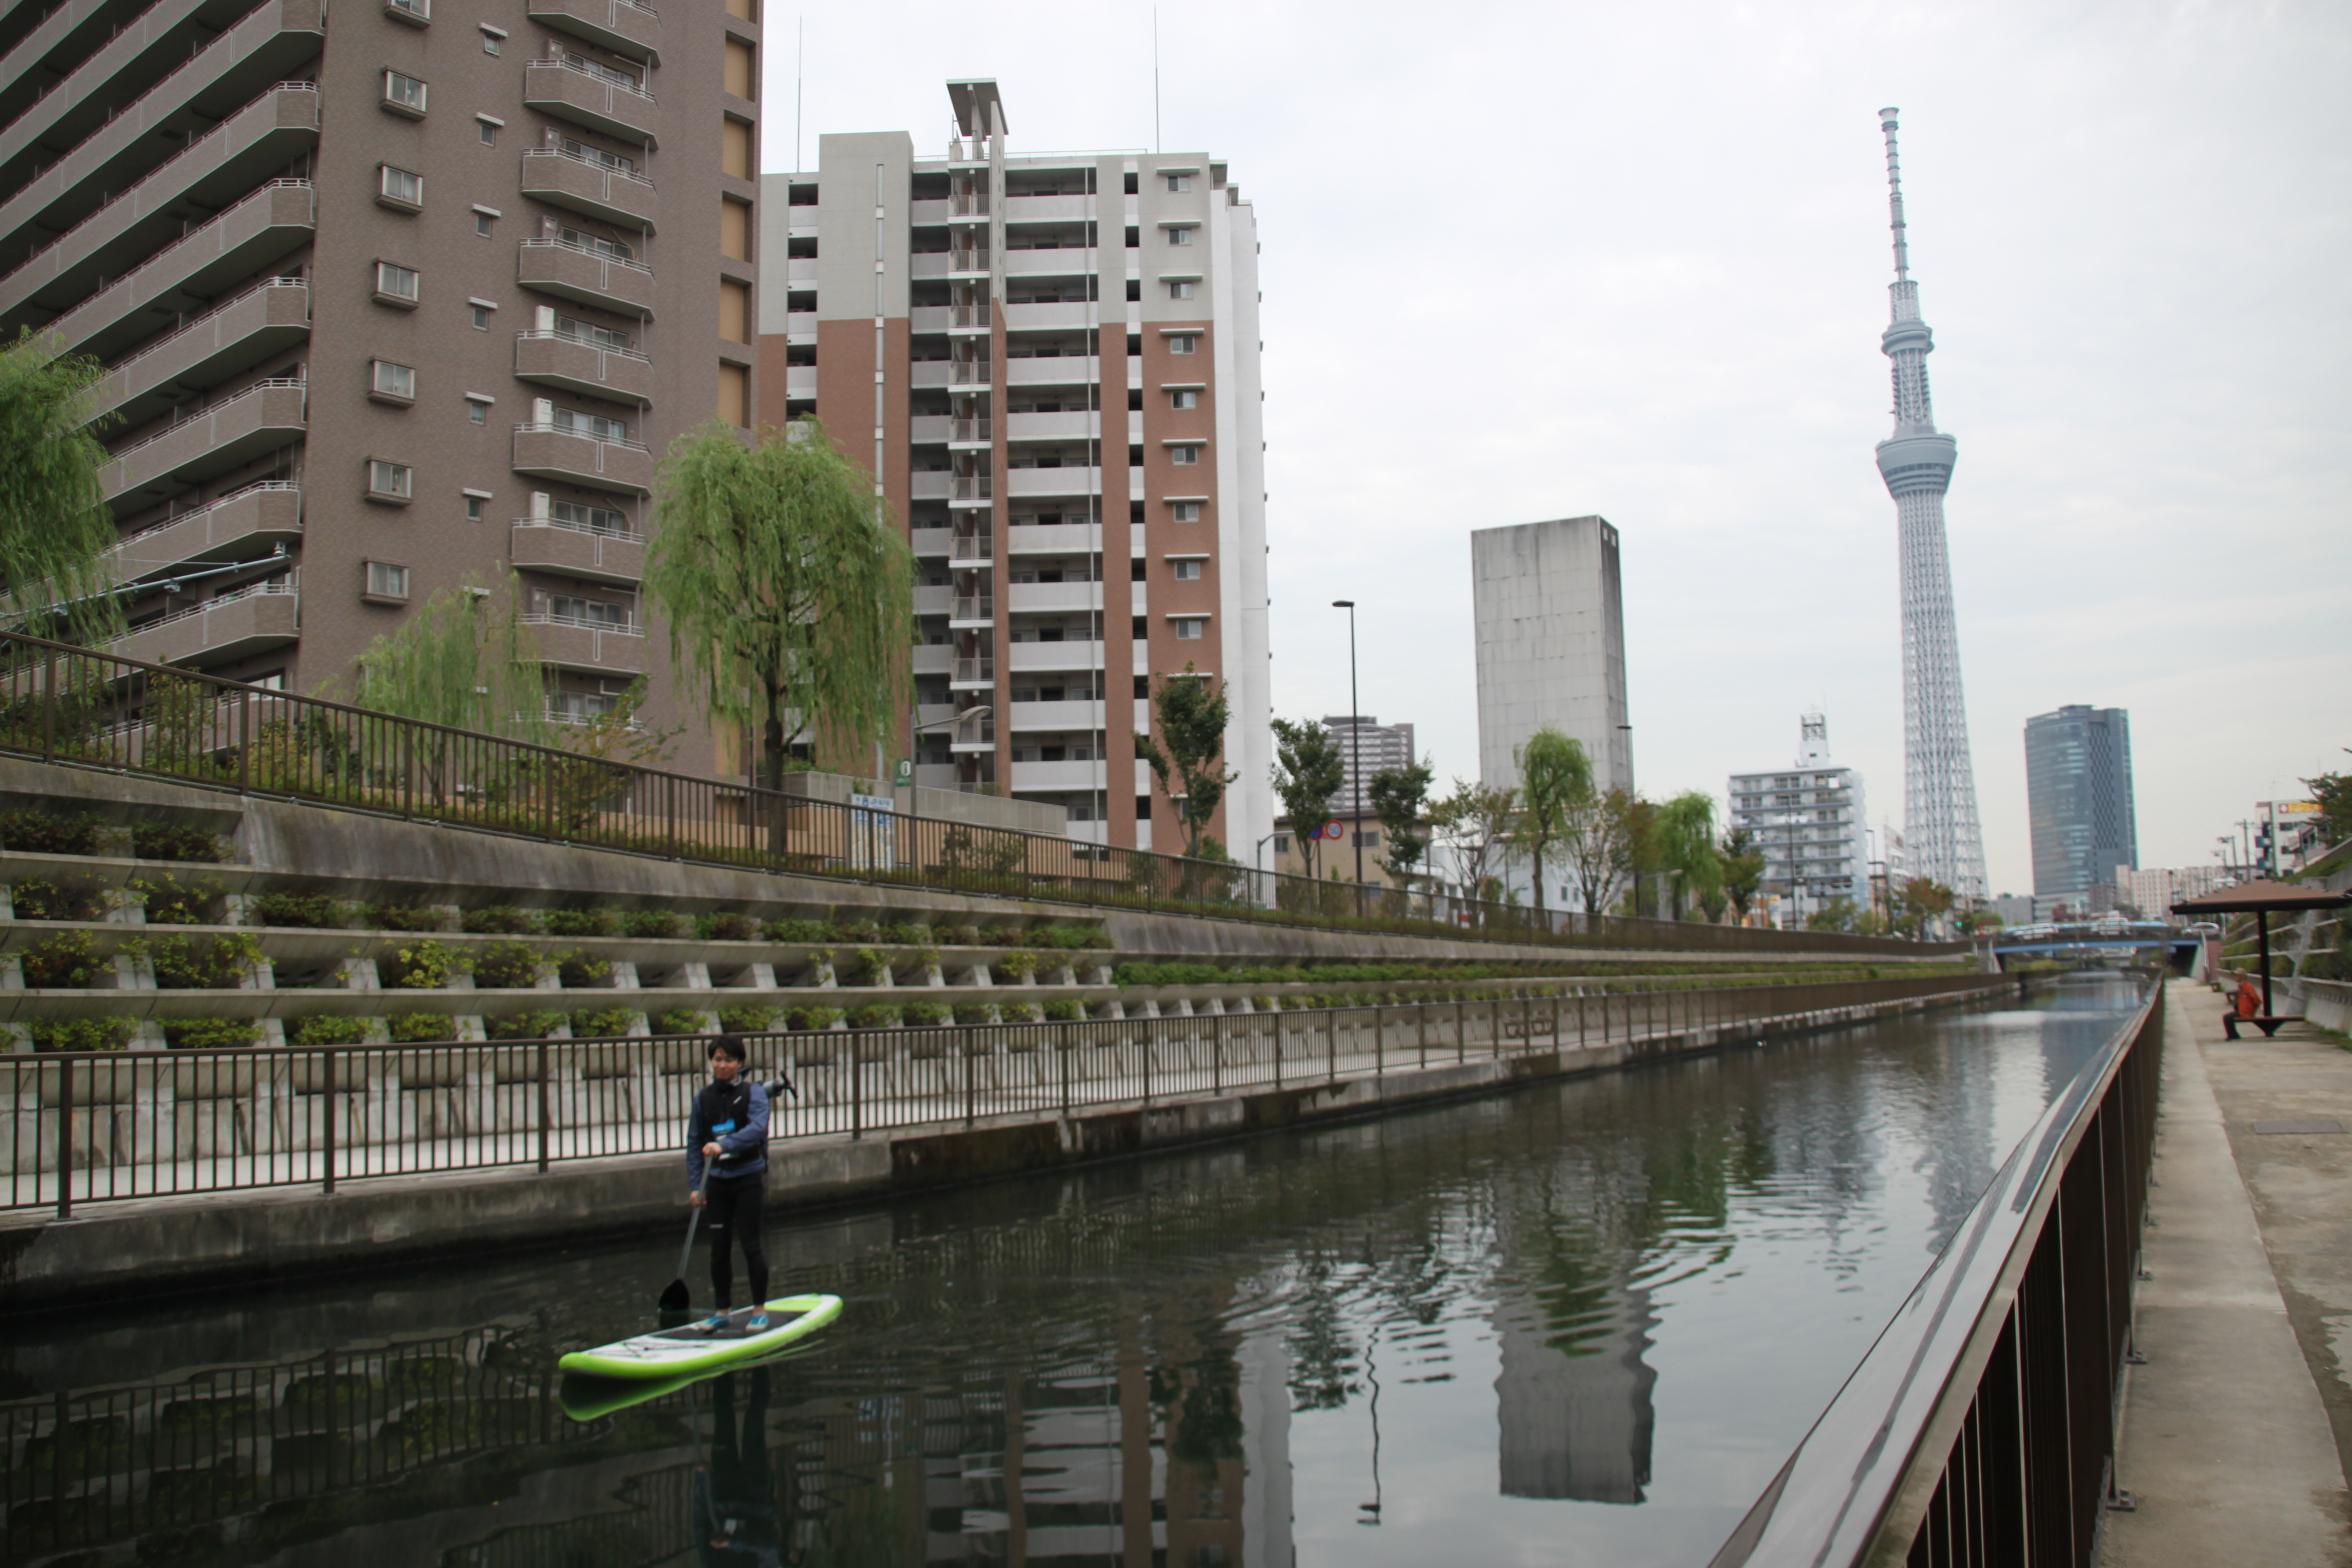 ここまで転落防止柵が連続していると心理的にも近づきがたくなる水面。